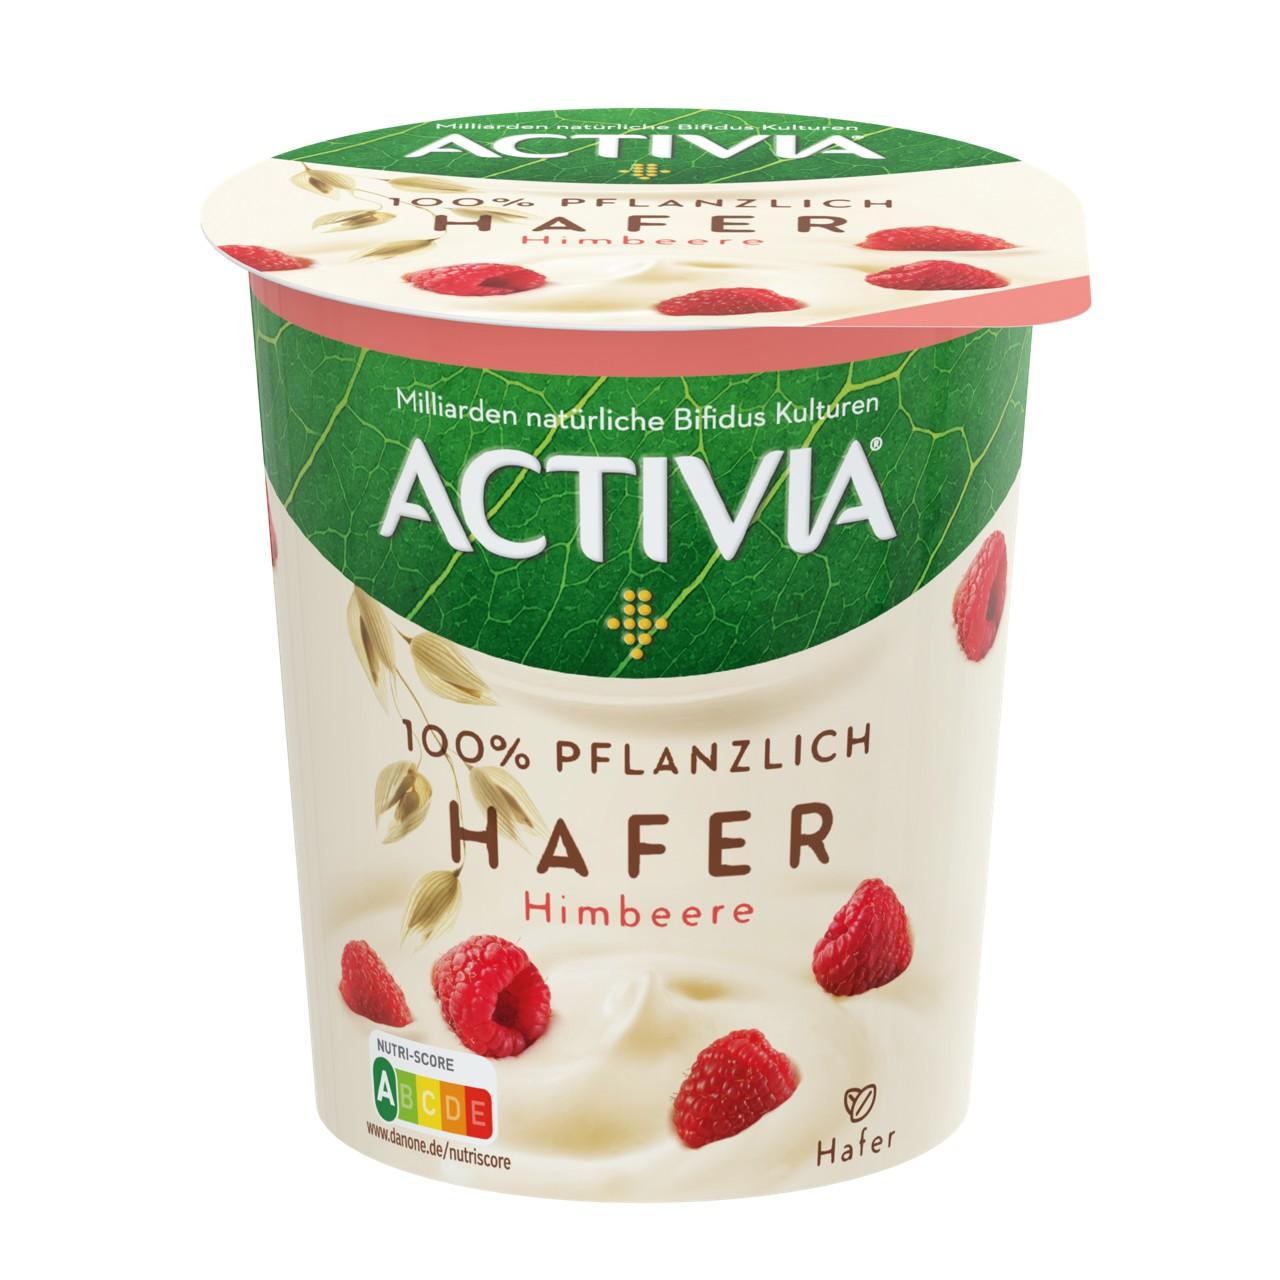 Acticia Joghurt jetzt auch rein pflanzlich auf Haferbasis